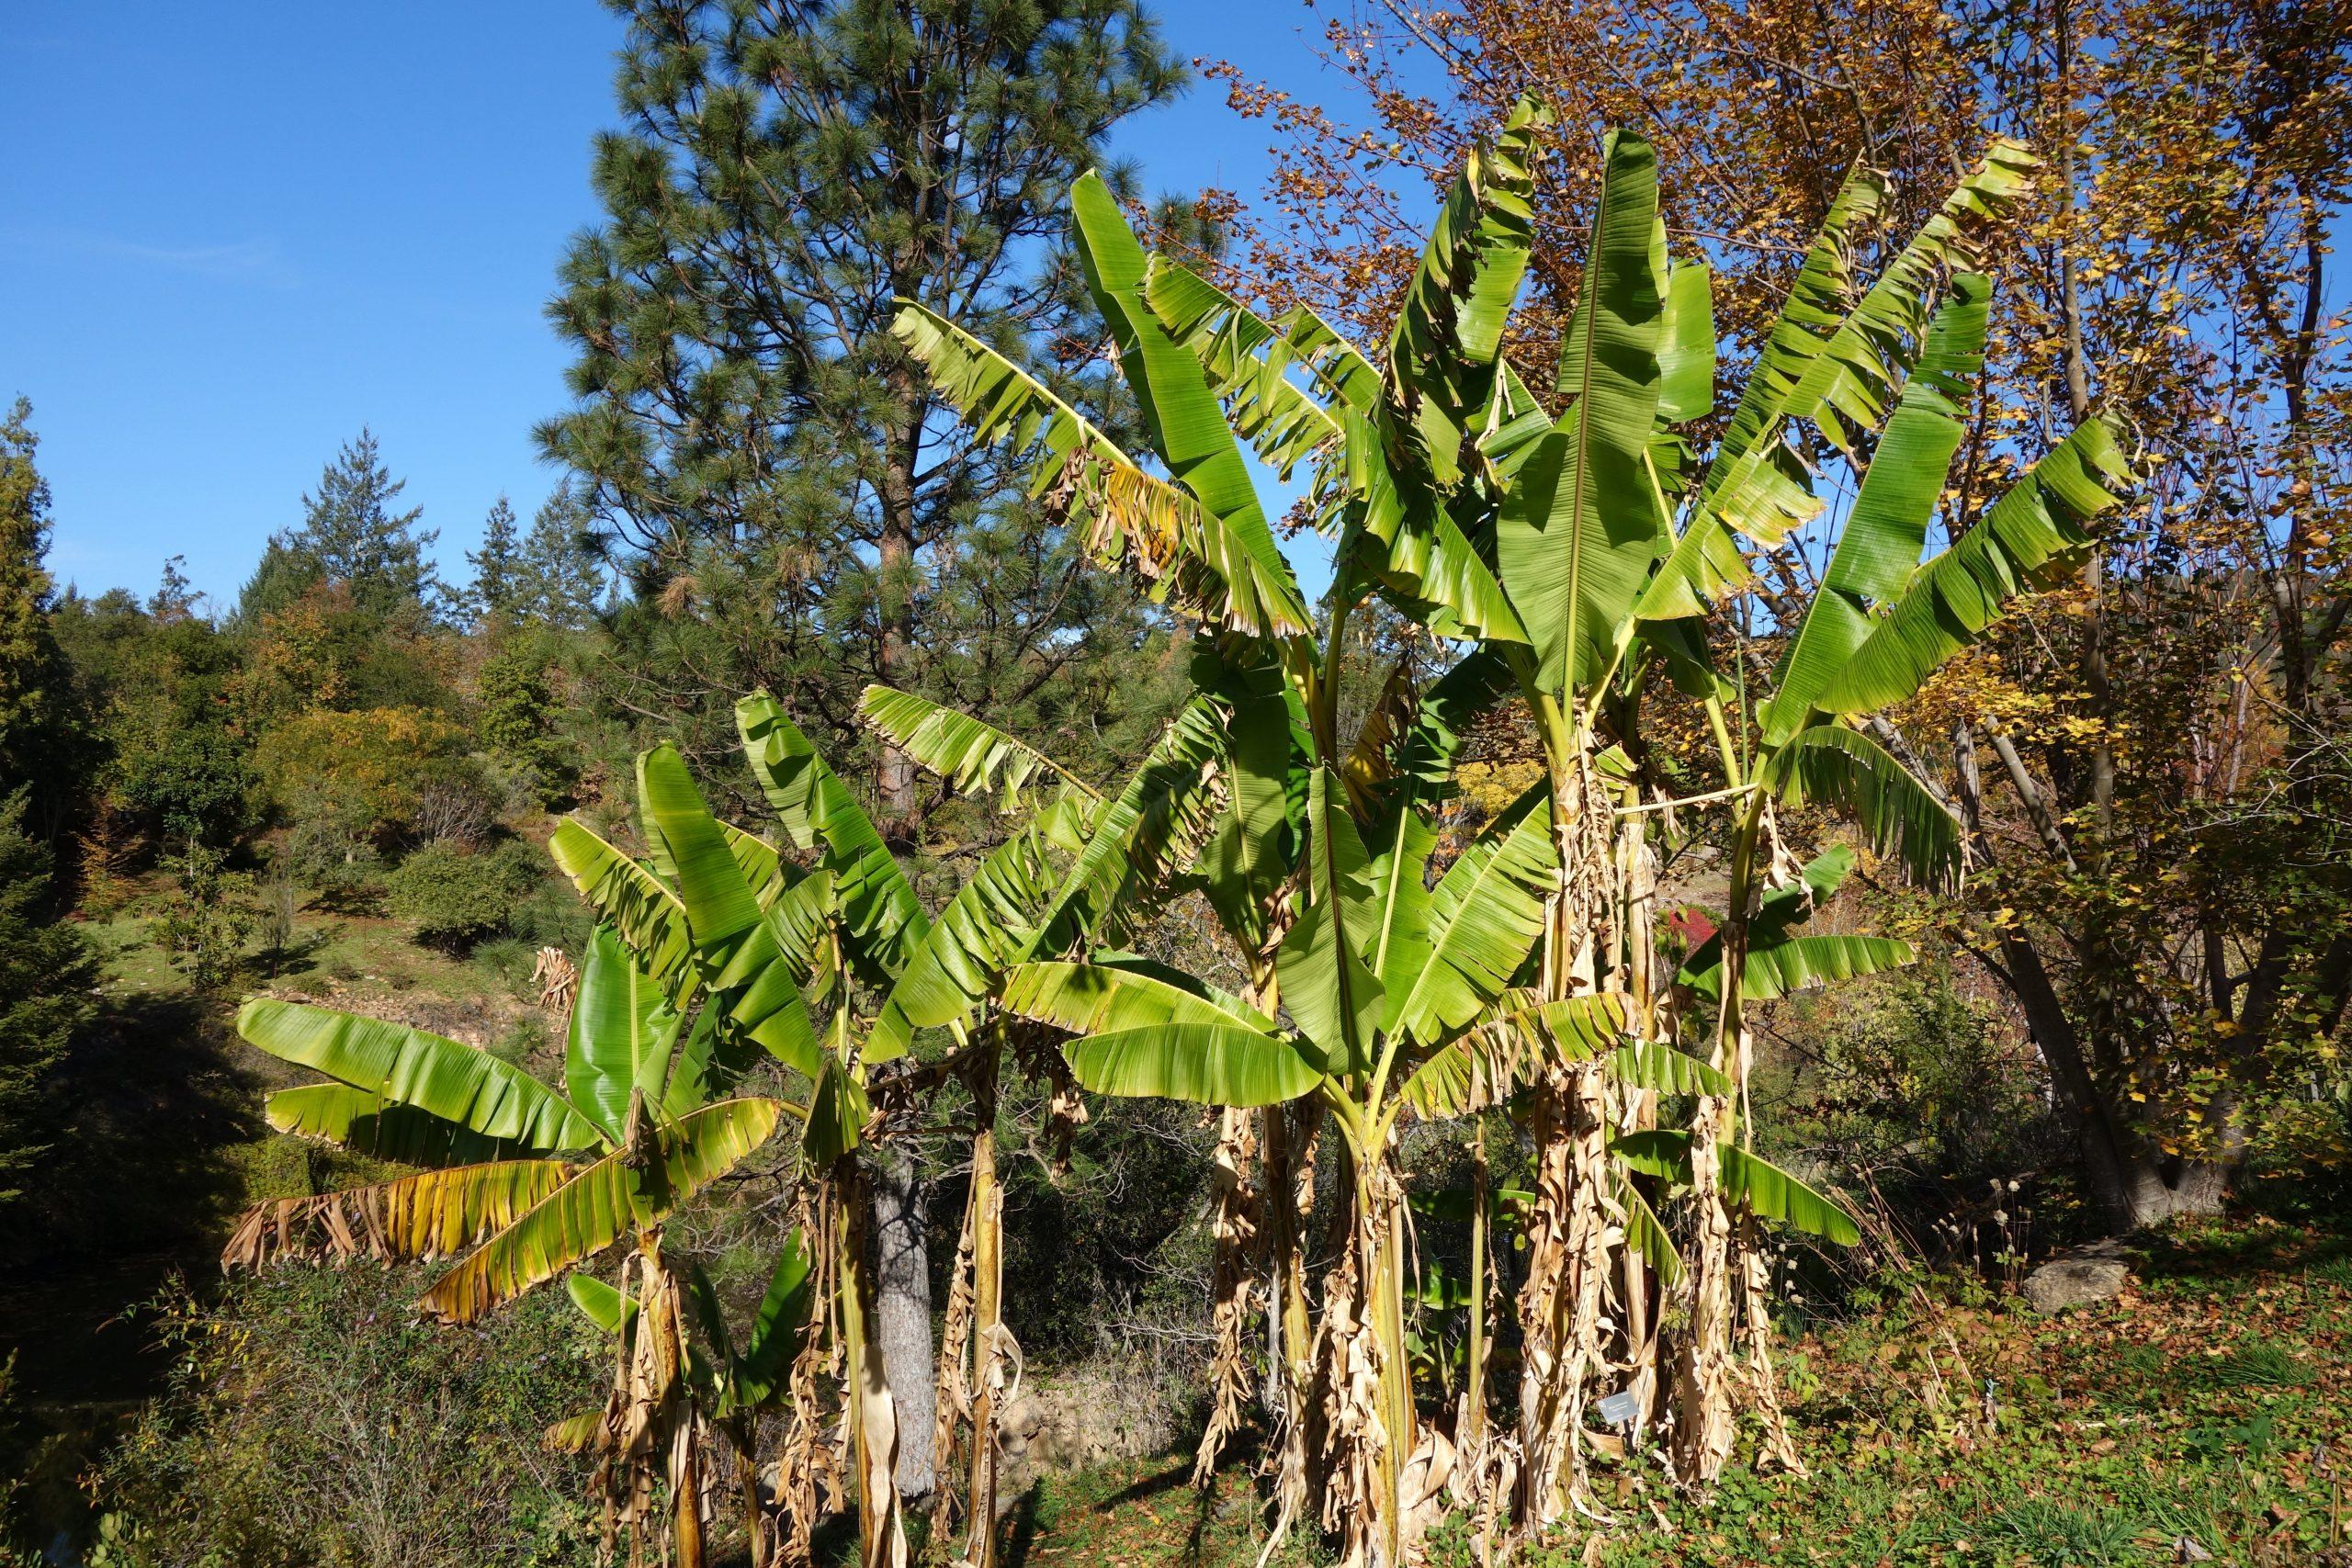 Grupo de Musa sikkimensis, uno de los plataneros resistentes más cultivados.